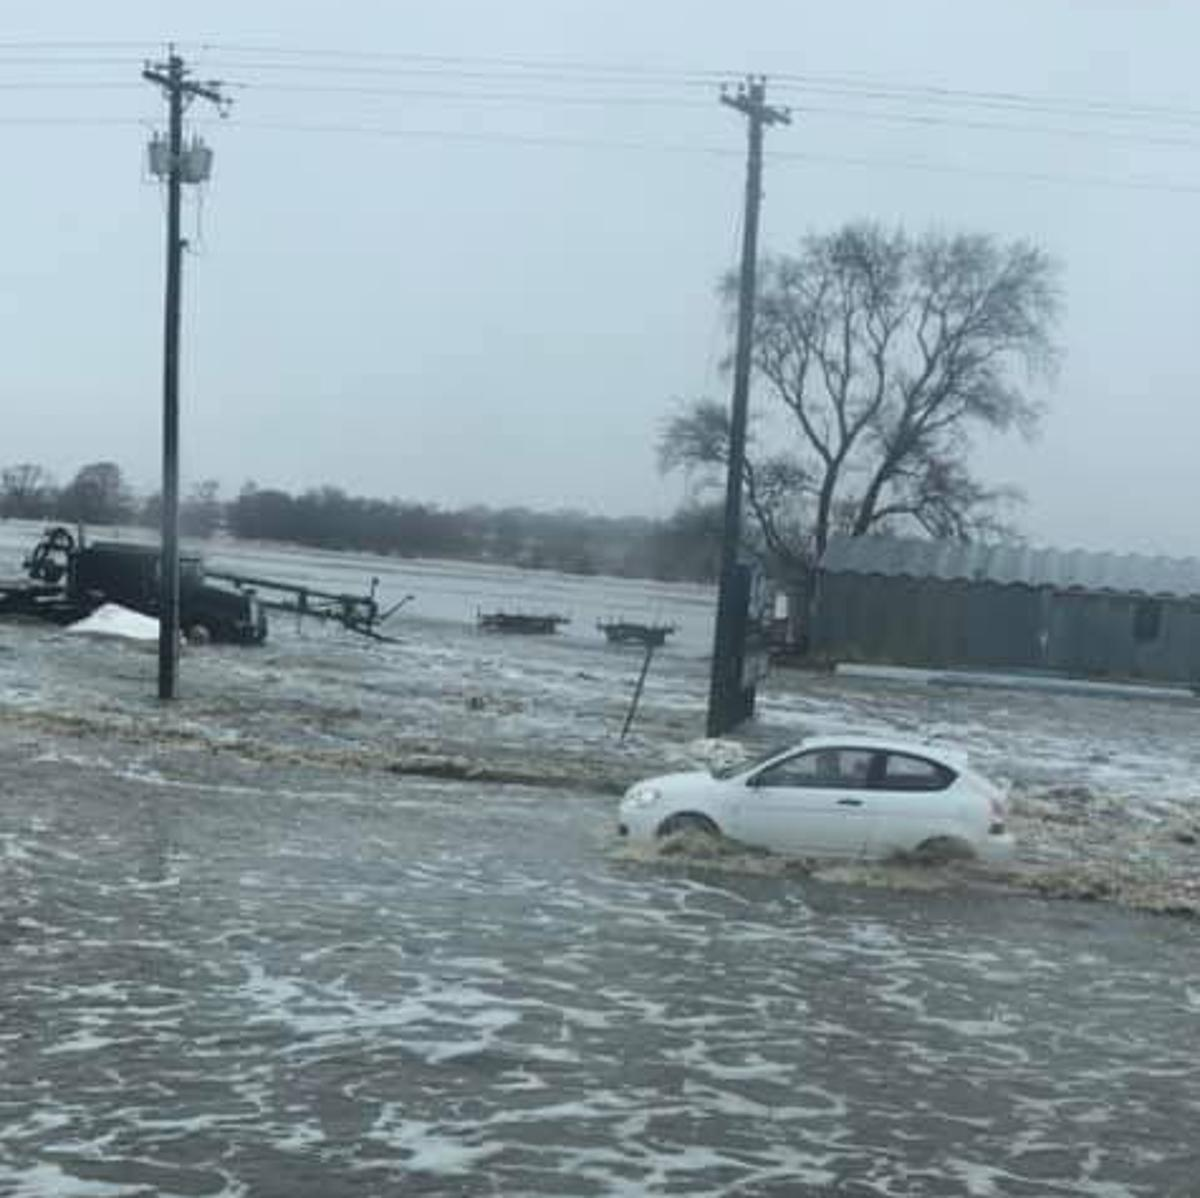 Flash flood emergency up for Platte after ice jam breaks